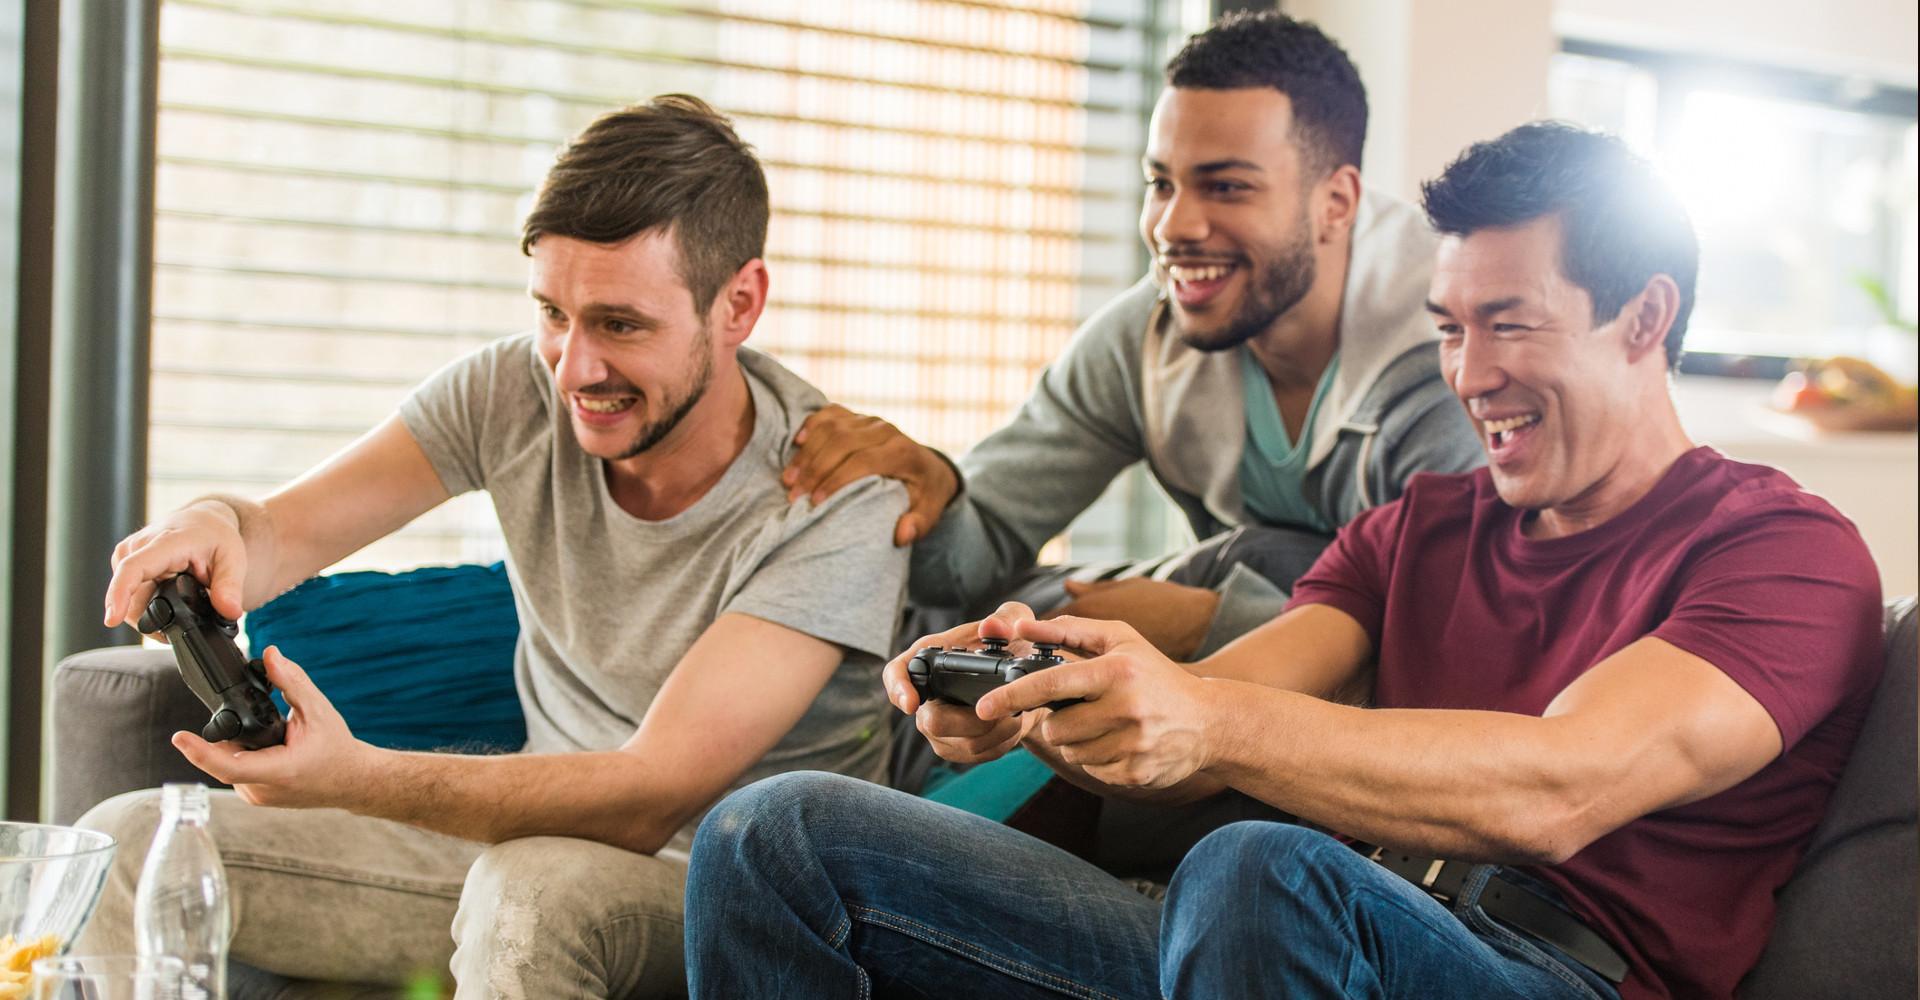 Gamer zocken auf einer Konsole im Wohnzimmer